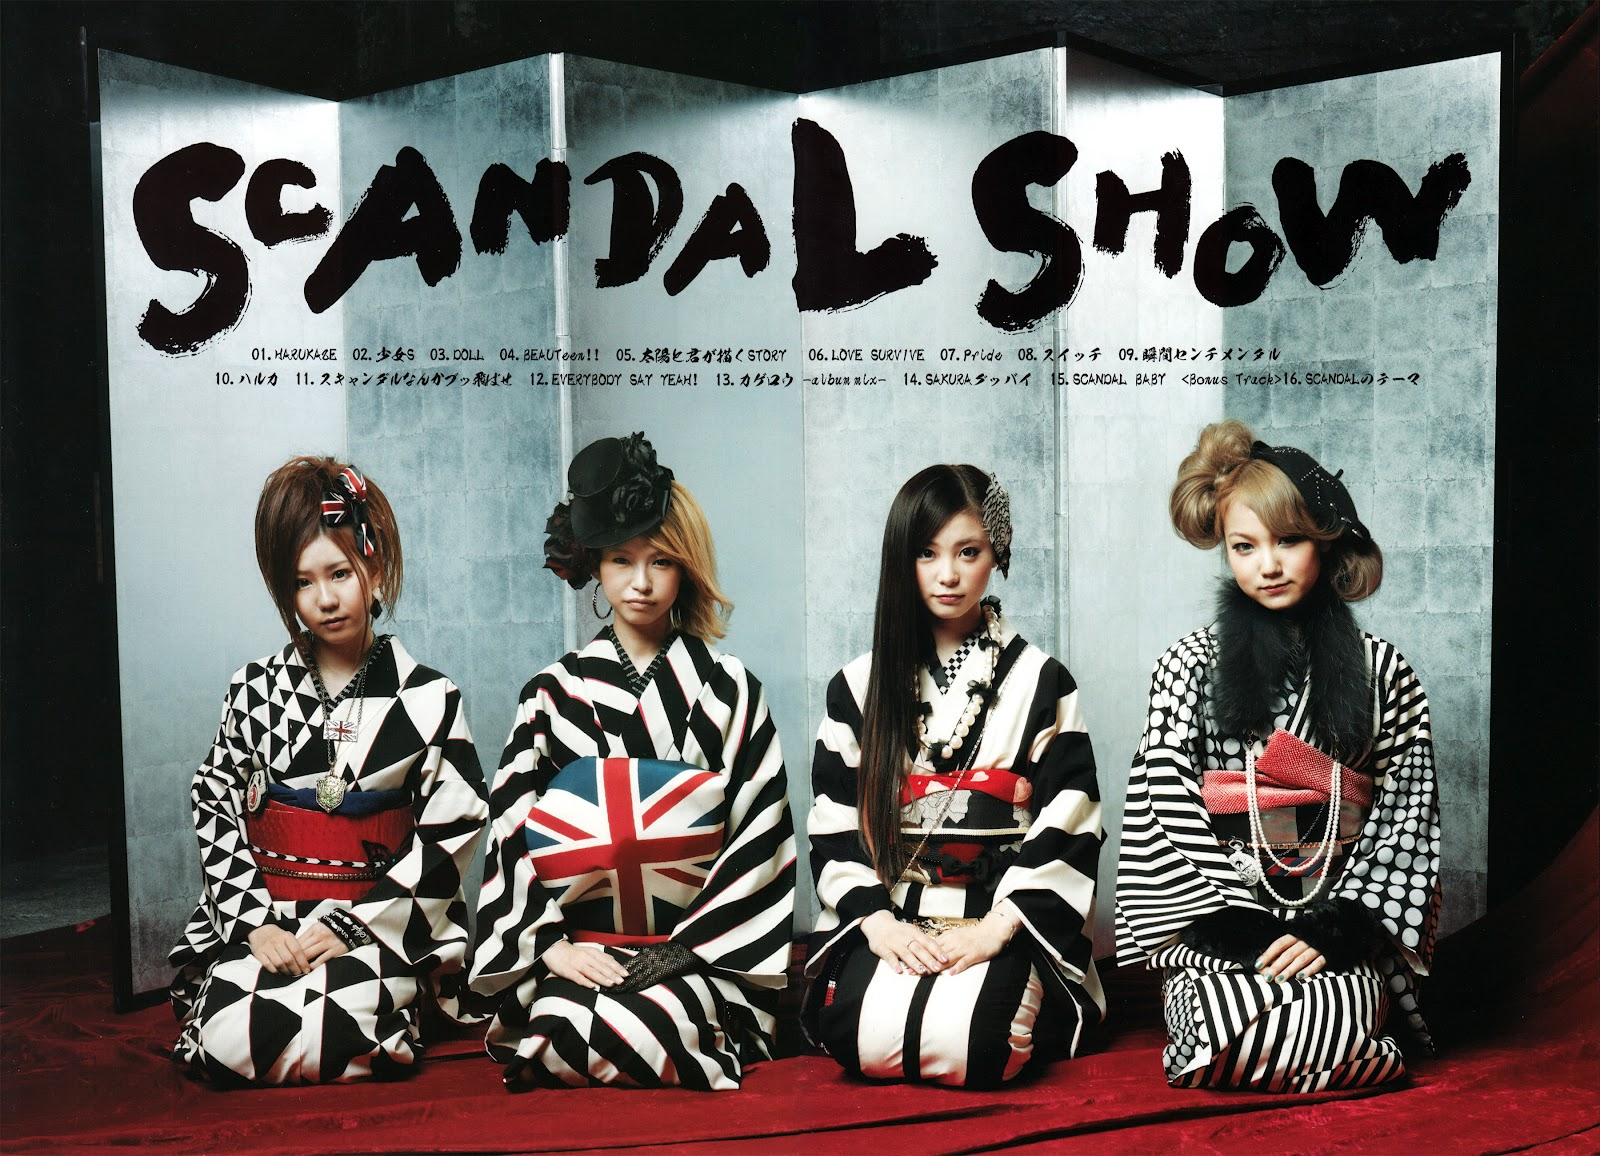 http://4.bp.blogspot.com/-virREVP3vqg/T-vmkgVnL_I/AAAAAAAALZ0/AaVG1p5jmi0/s1600/Scandal+Jpop+Concert+2012+Malaysia+-+pipiluv.com+(7).jpg